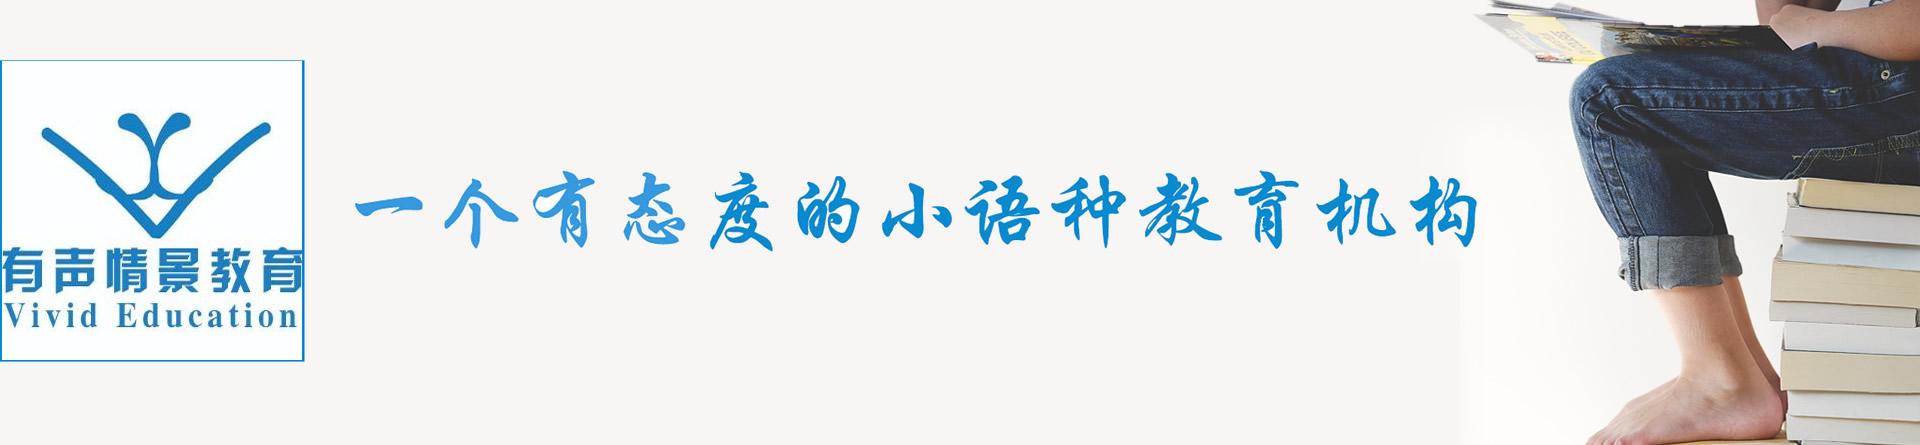 郑州有声小语种